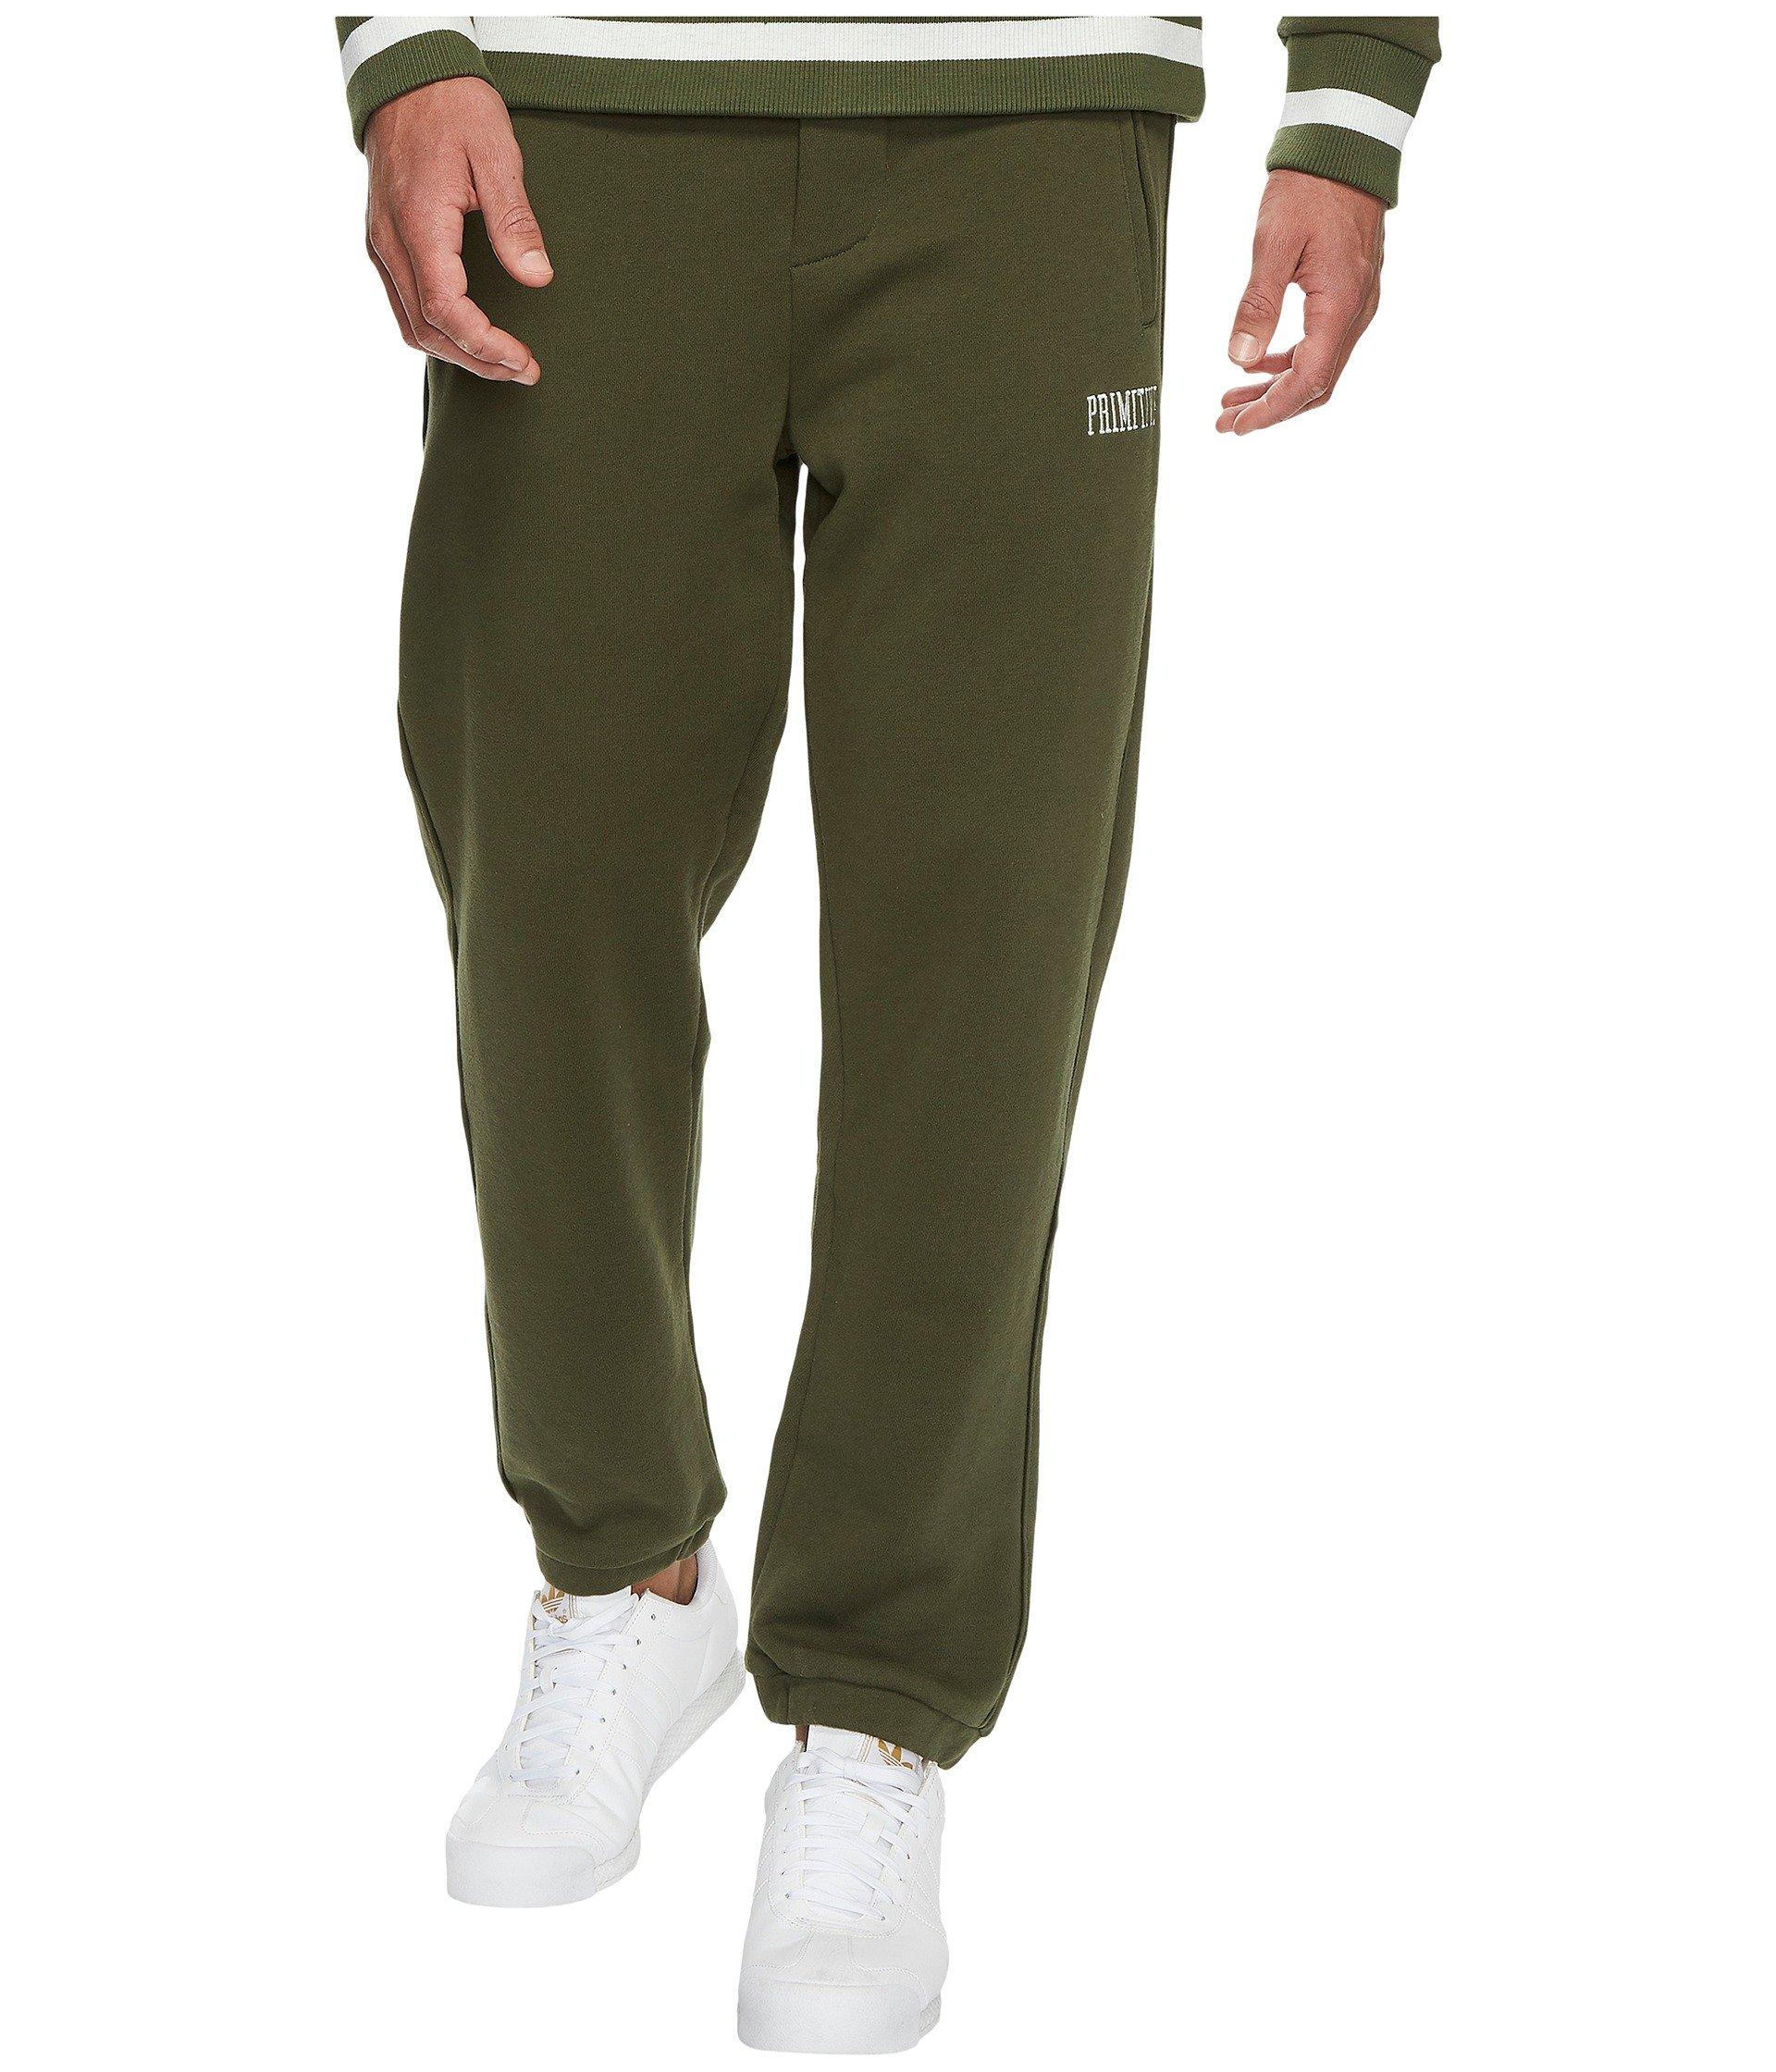 Primitive League Fleece Pants In Dark Olive